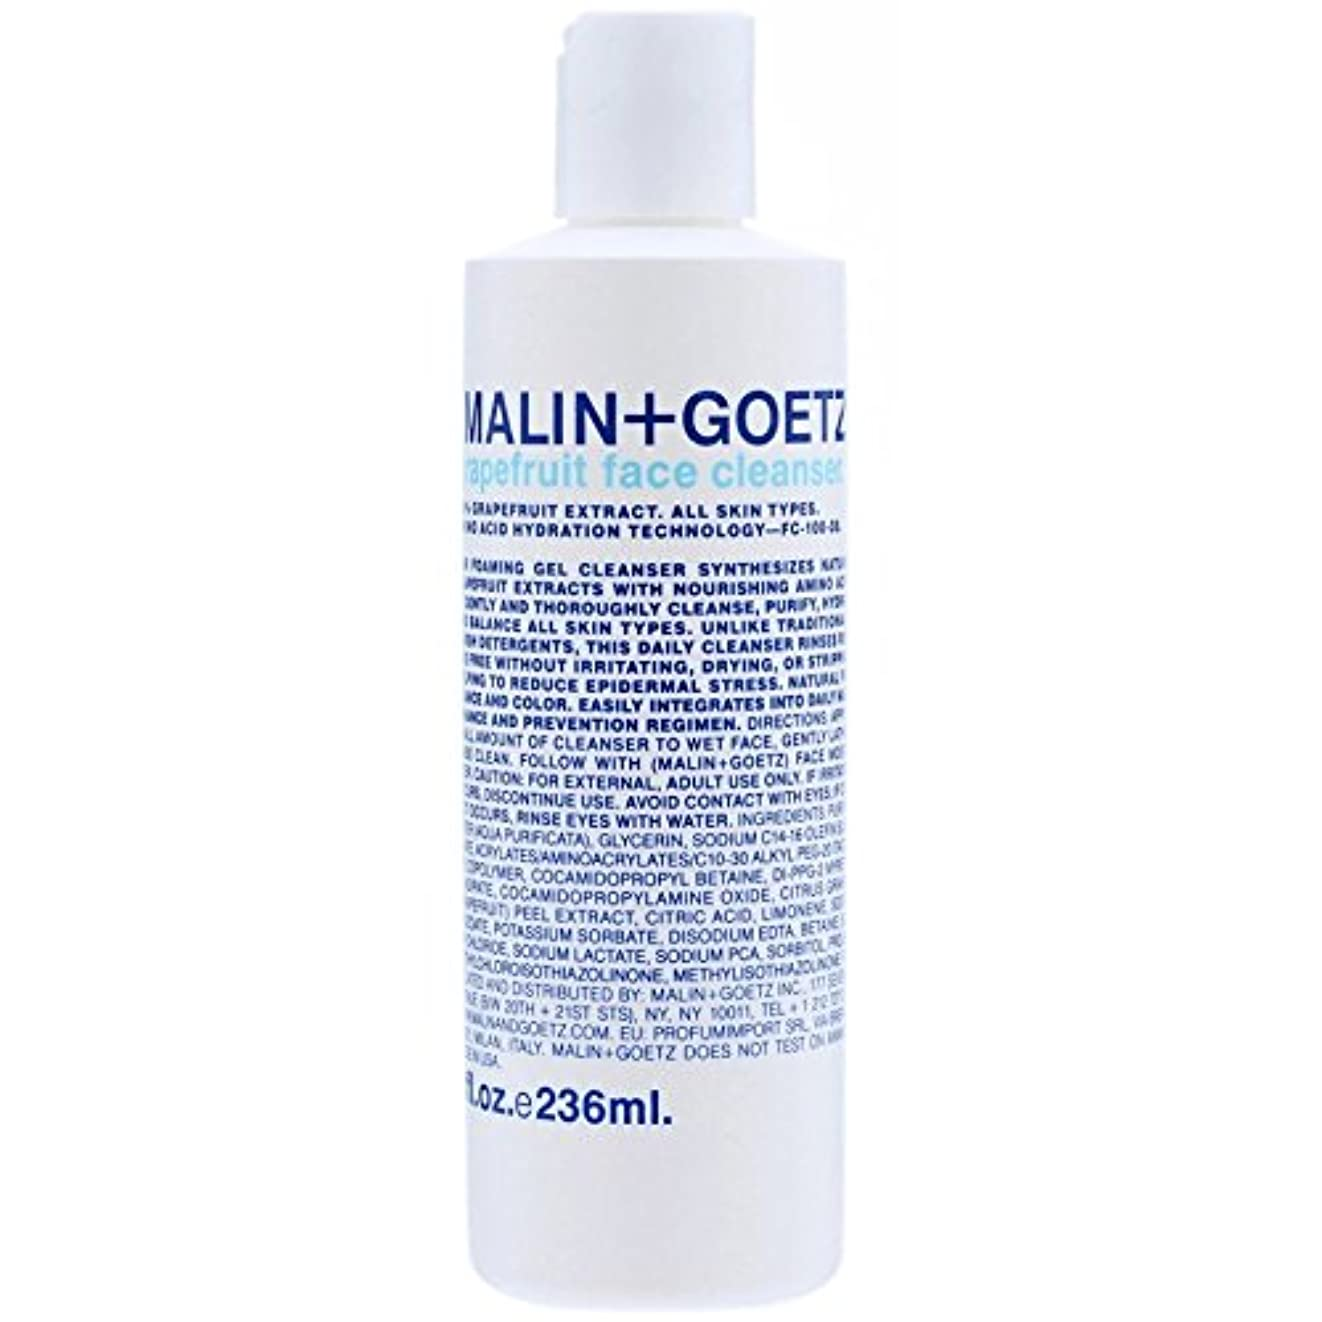 クックドレスウッズマリン+ゲッツグレープフルーツフェイスクレンザー x4 - MALIN+GOETZ Grapefruit Face Cleanser (Pack of 4) [並行輸入品]